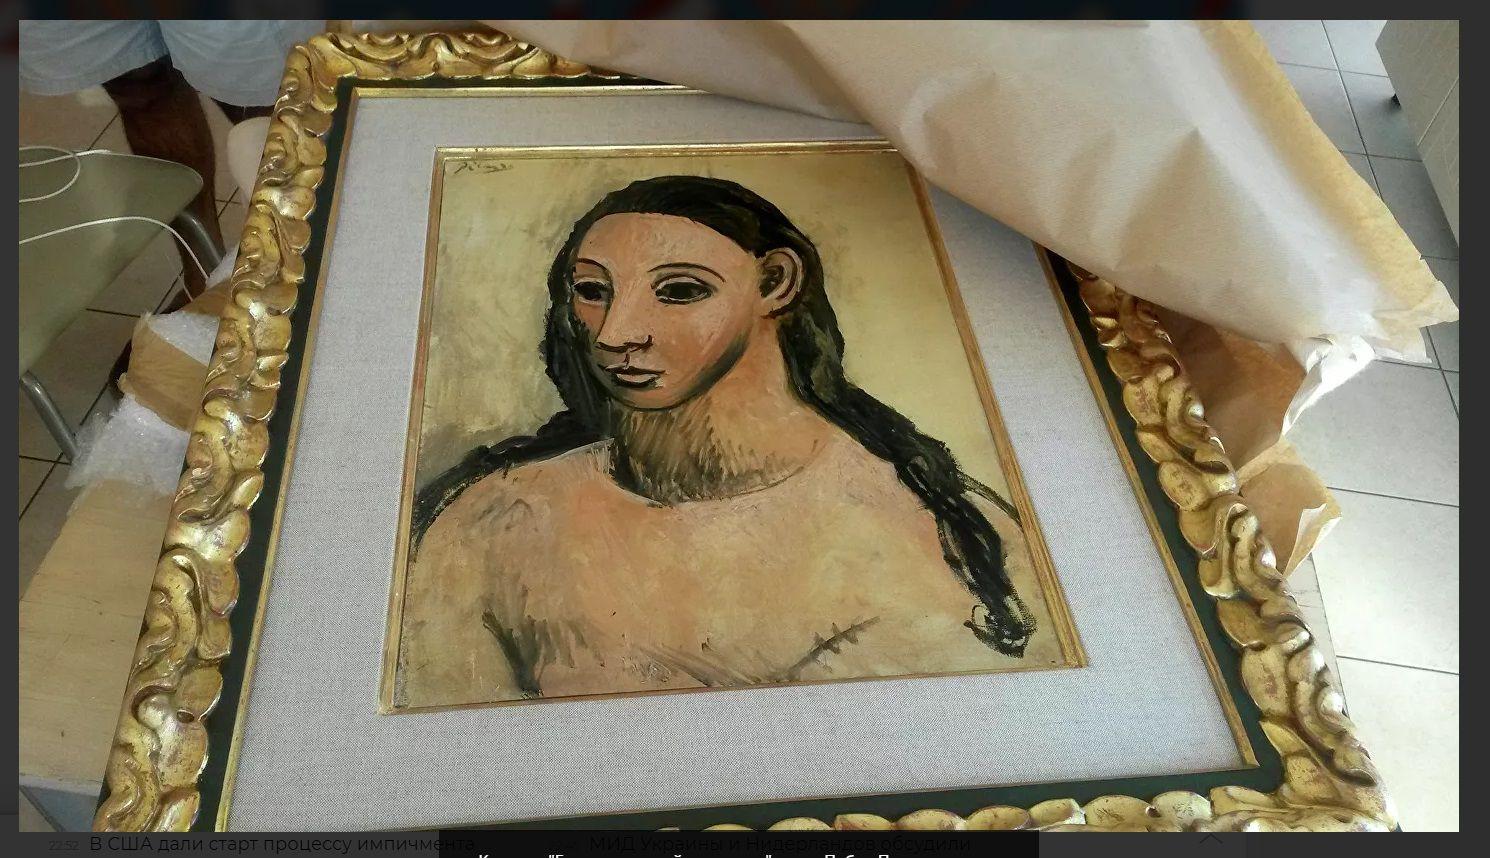 СМИ: испанский банкир получил 18 месяцев тюрьмы за попытку вывезти картину Пикассо